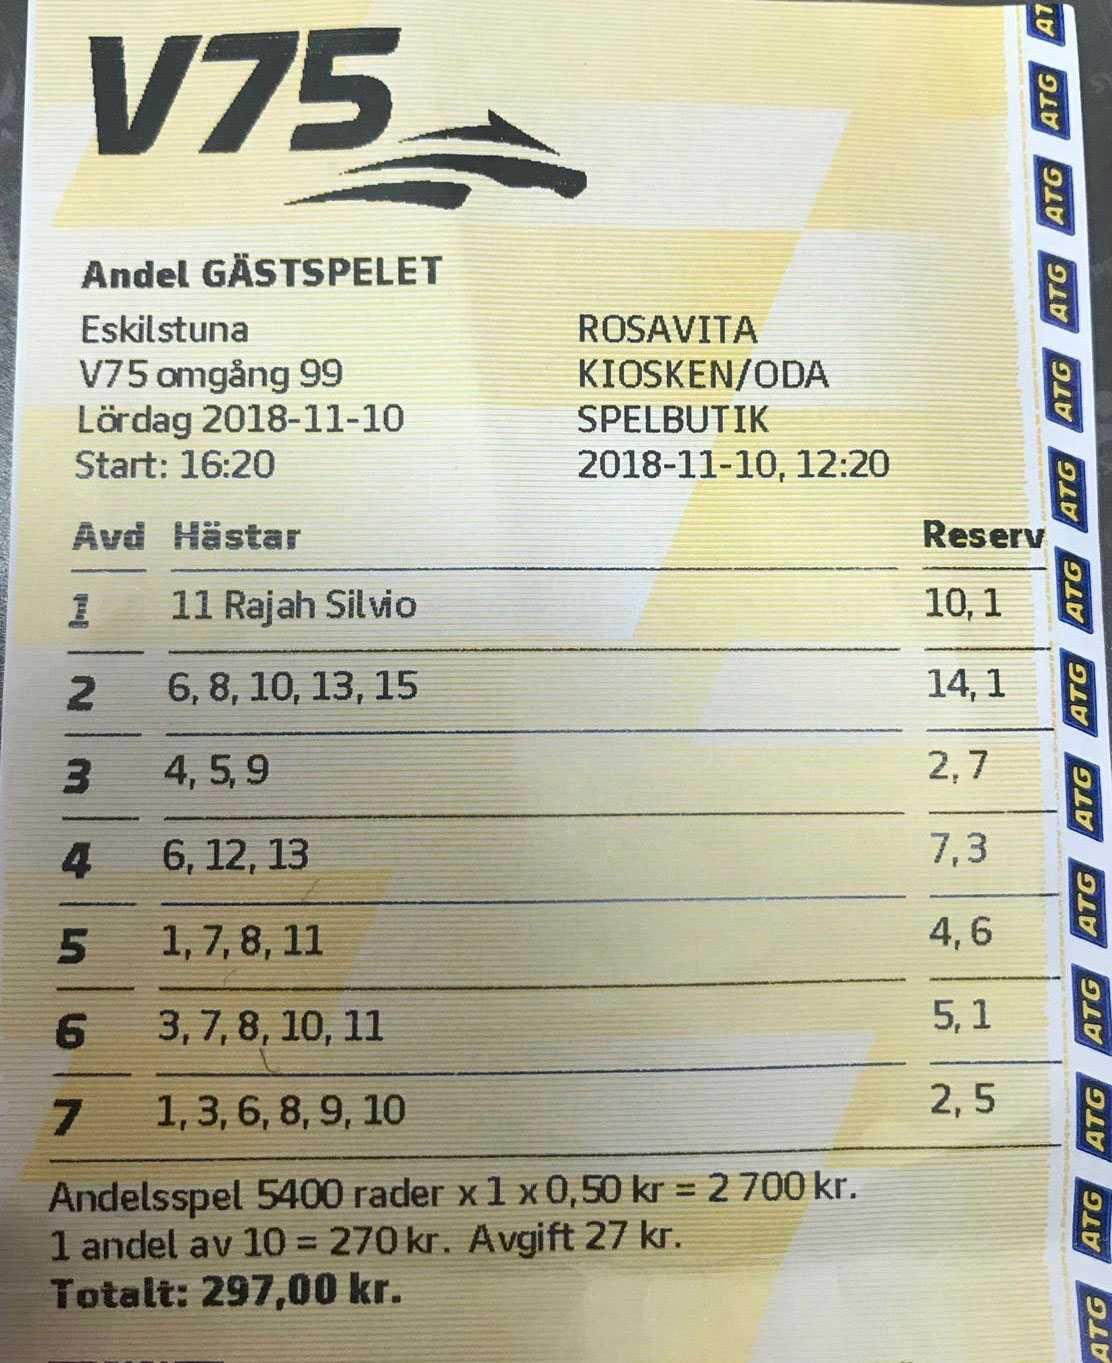 Det vinnande andelssystemet i butiken. Oda slog även till via ATG Tillsammans. Totalt spelade de in mest pengar i Sverige på V75 i lördags.